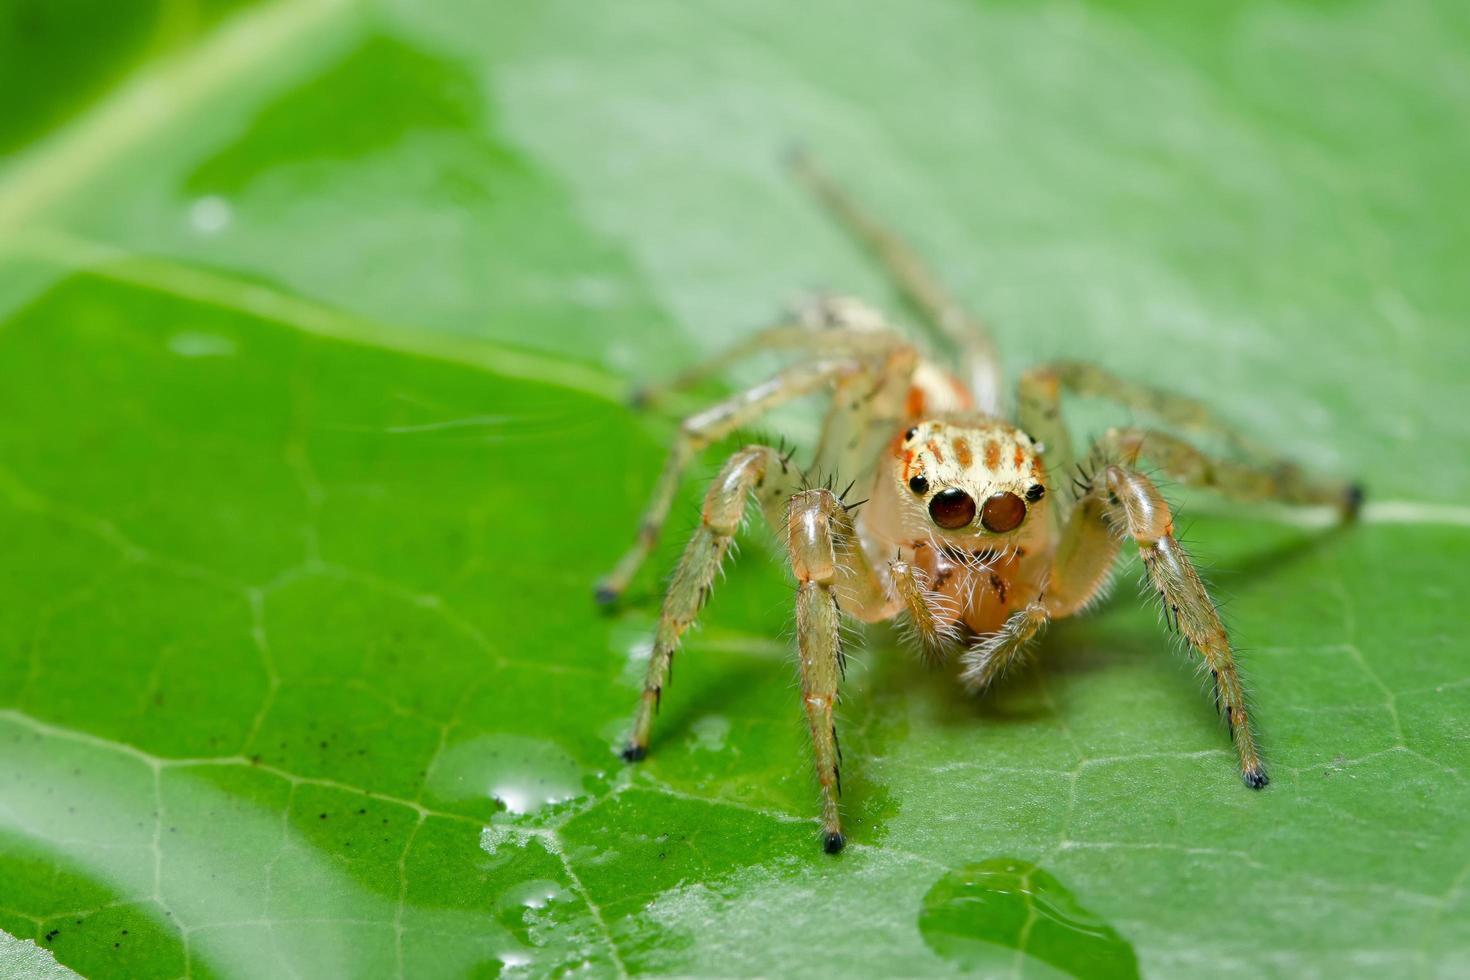 Spinne auf einem Blatt foto